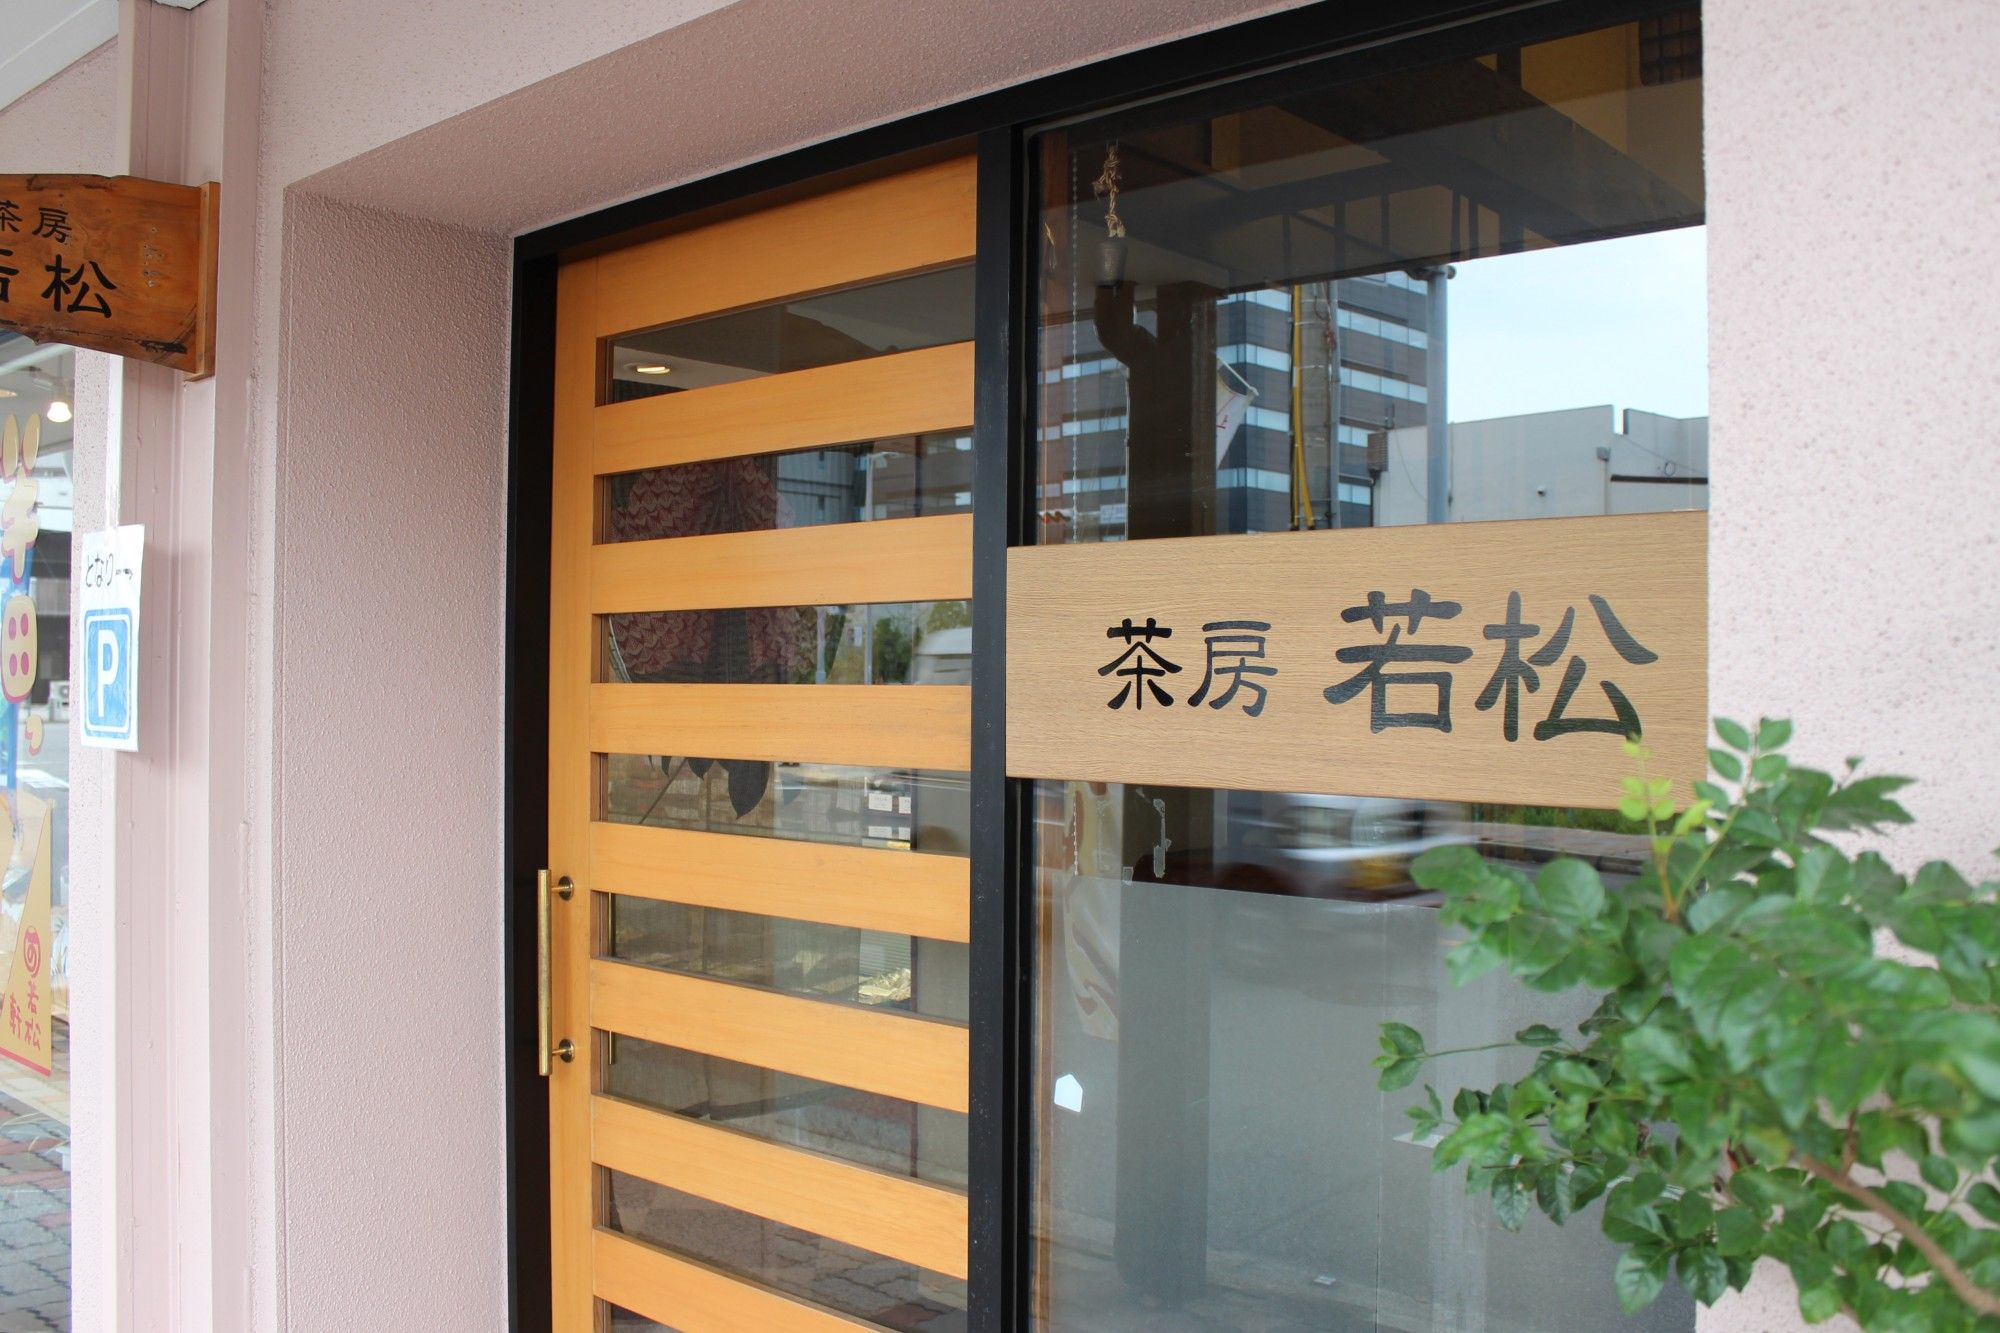 茶房若松 喫茶店